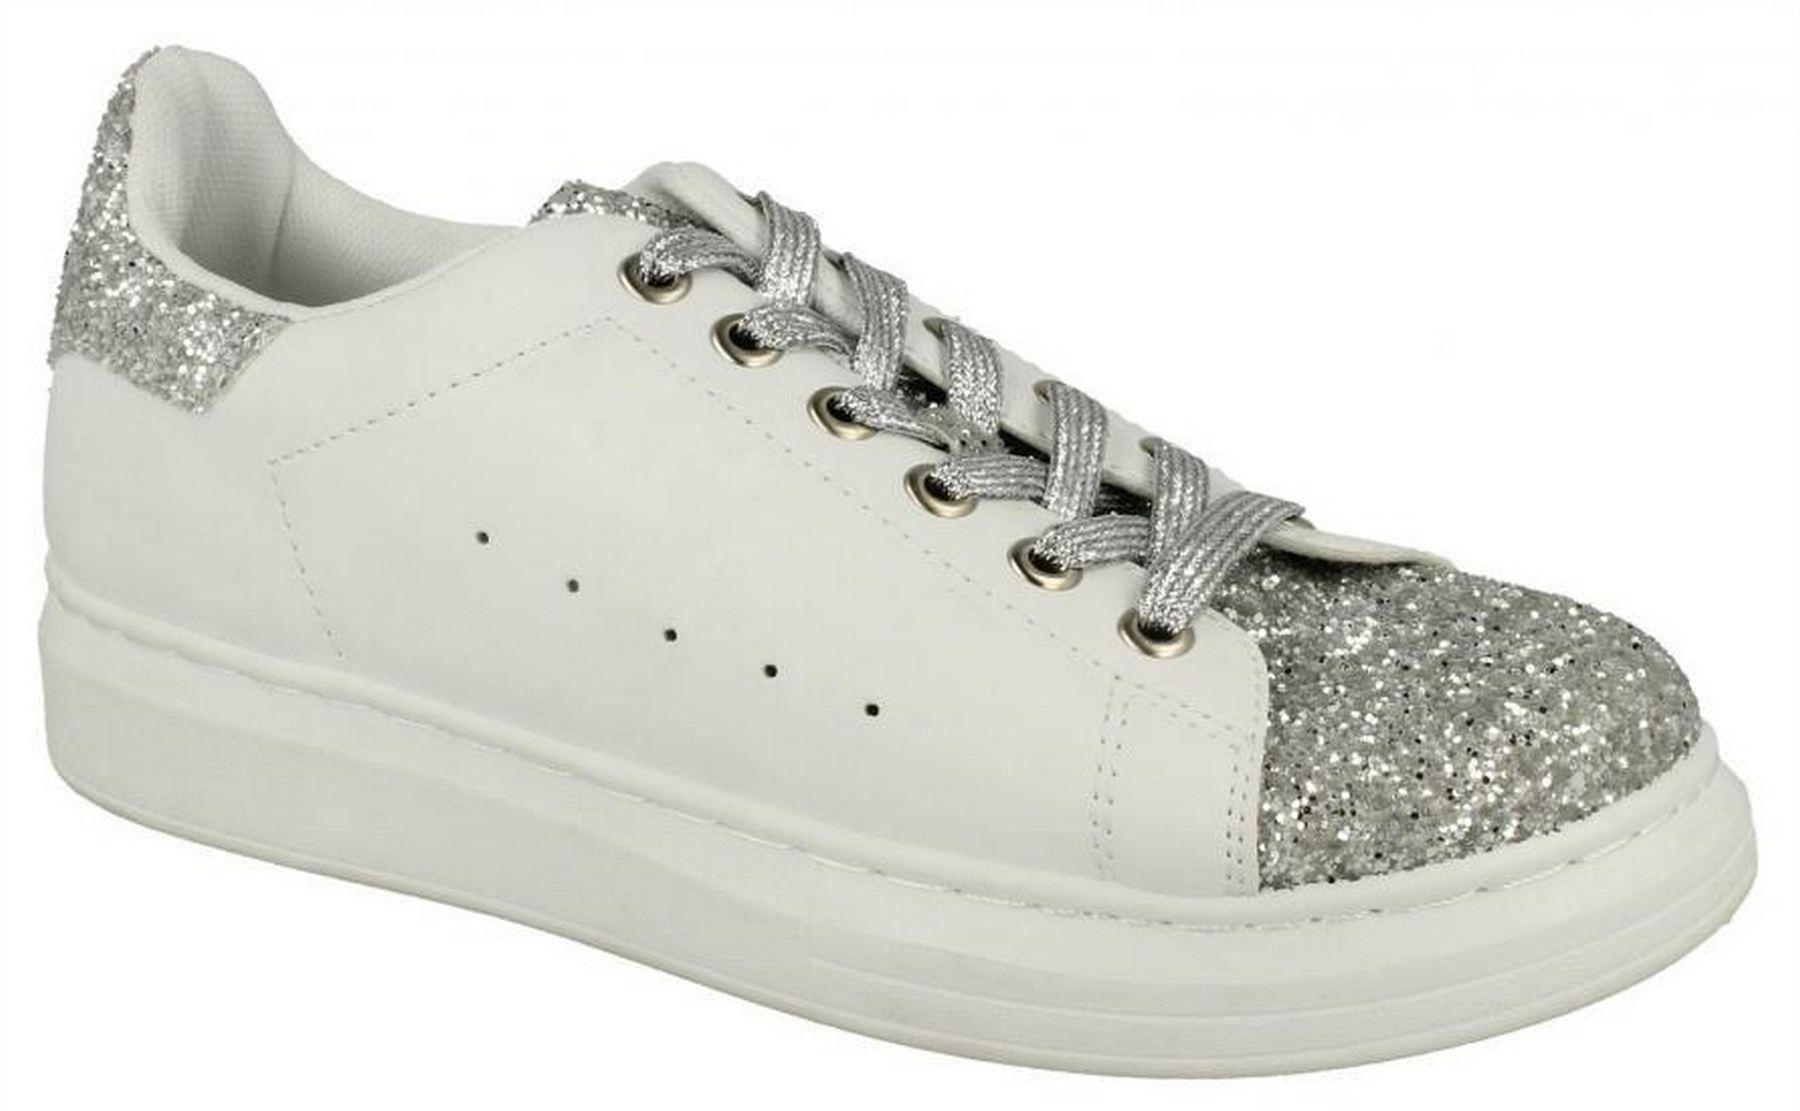 Ladies Trainers lace Up Style -F8981   sizes UK 3 - UK 8